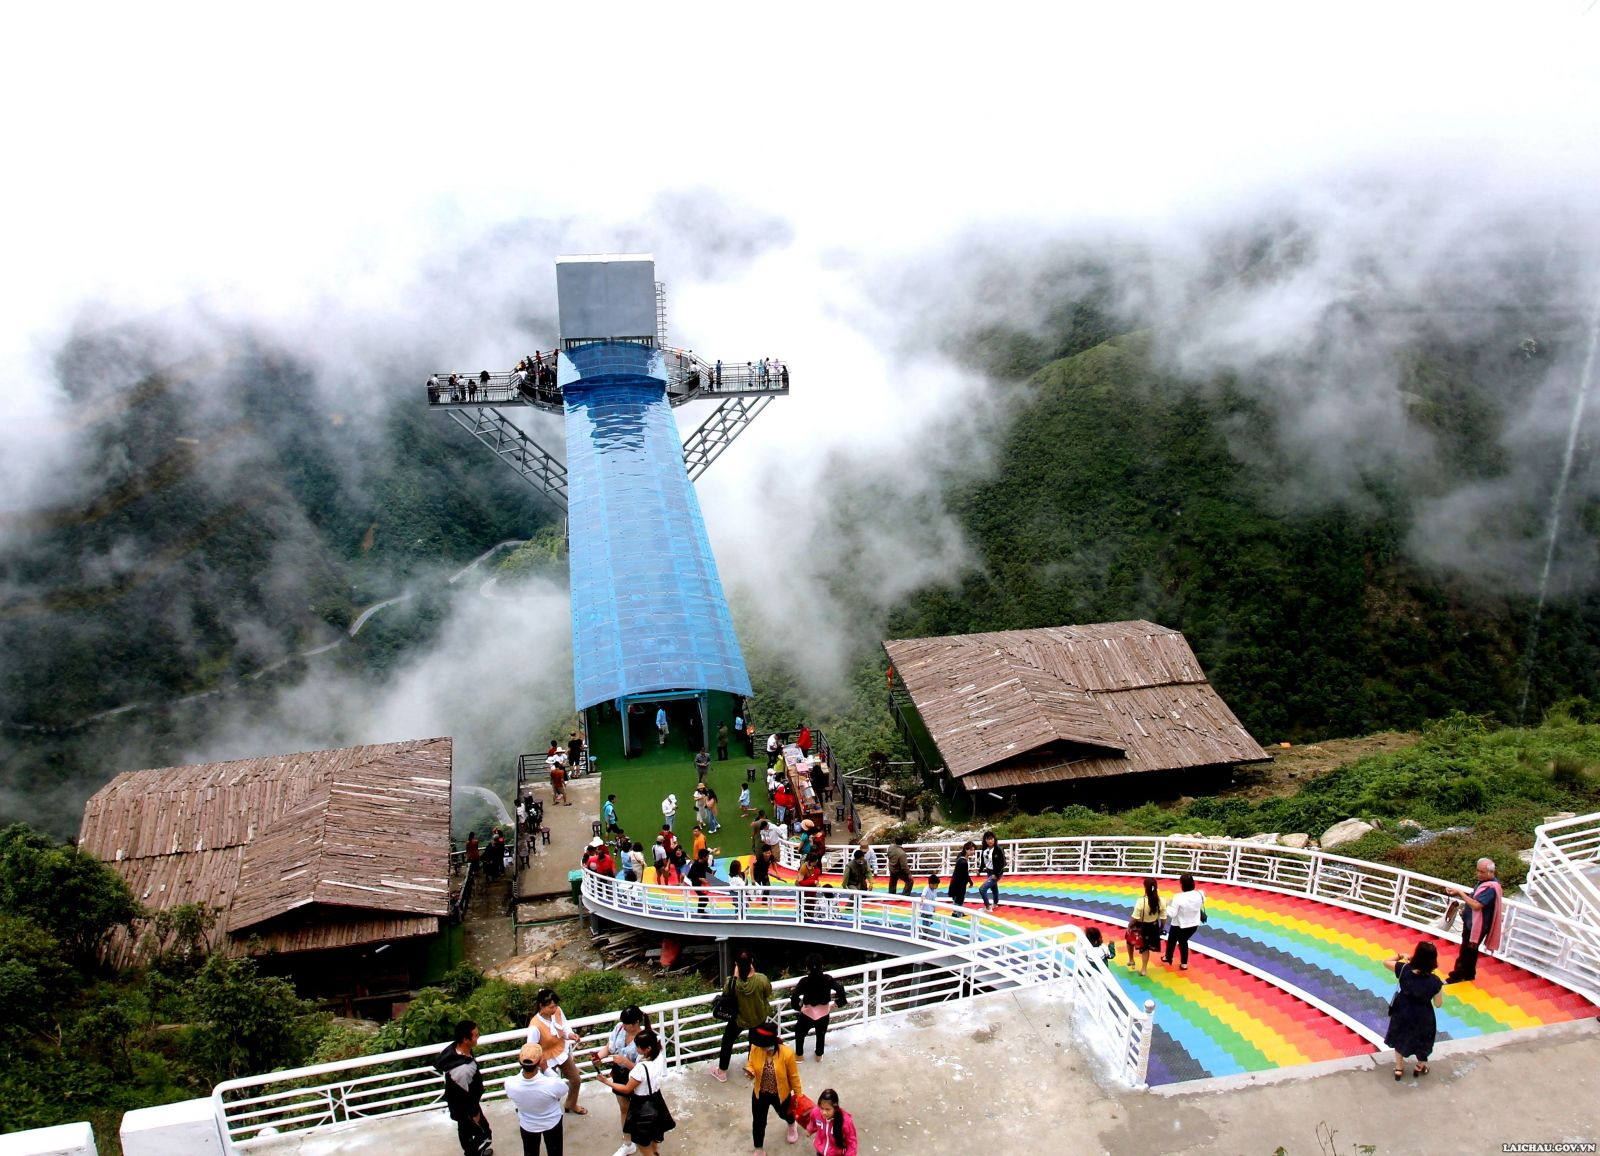 Lai Châu: Tăng cường thực hiện các biện pháp phòng, chống dịch COVID-19 trong lĩnh vực văn hóa, thể thao, du lịch